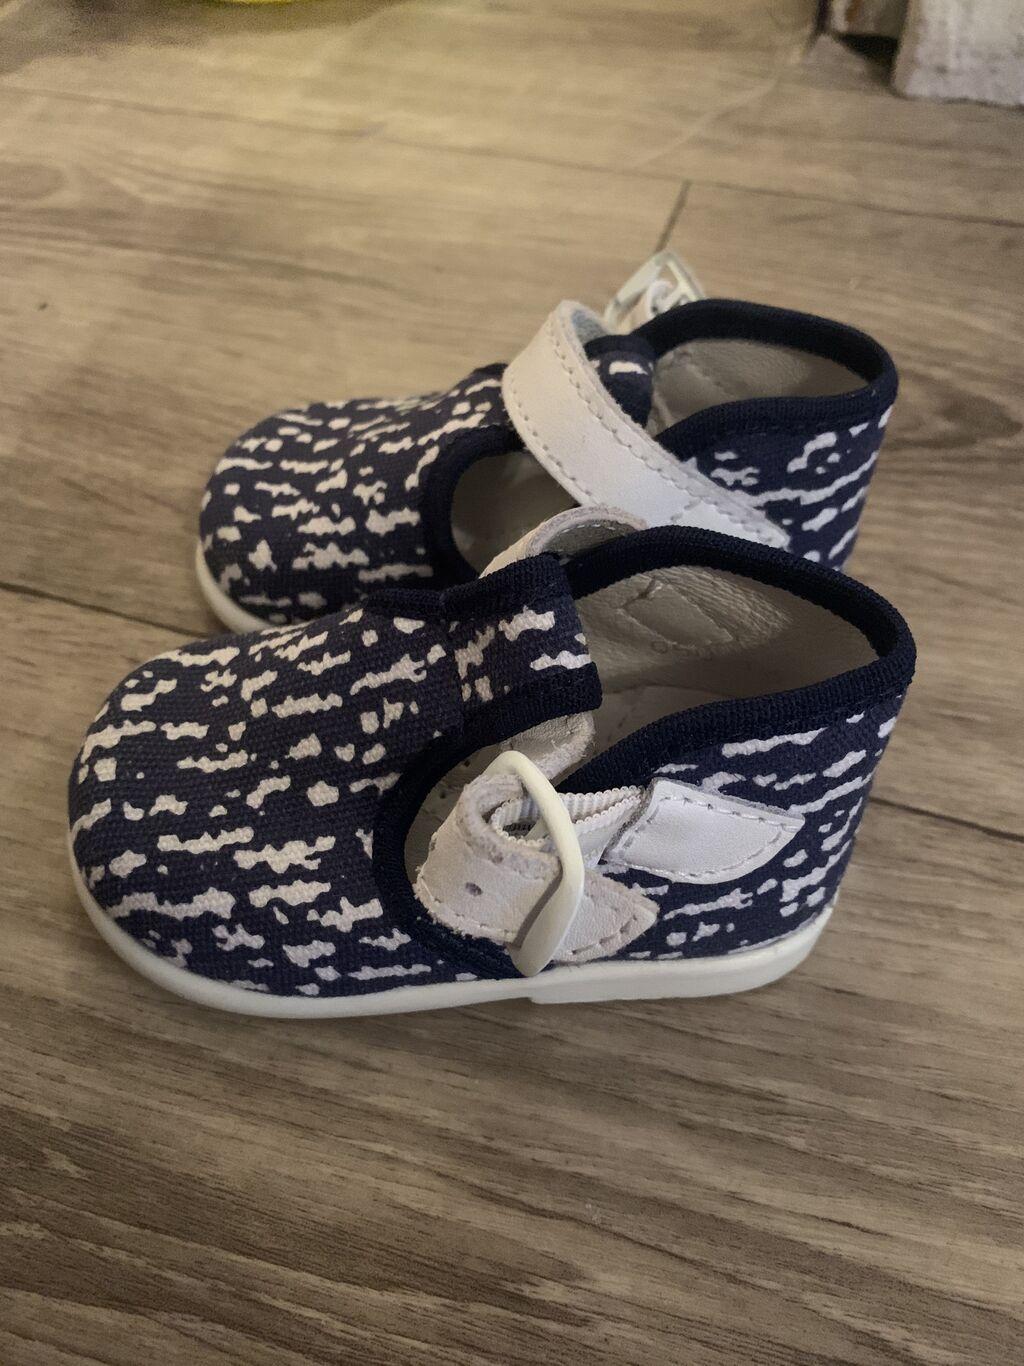 Детская обувь от «СКОРОХОД»  Размер 17. На нынешнюю погоду и лето в са: Детская обувь от «СКОРОХОД»  Размер 17. На нынешнюю погоду и лето в са